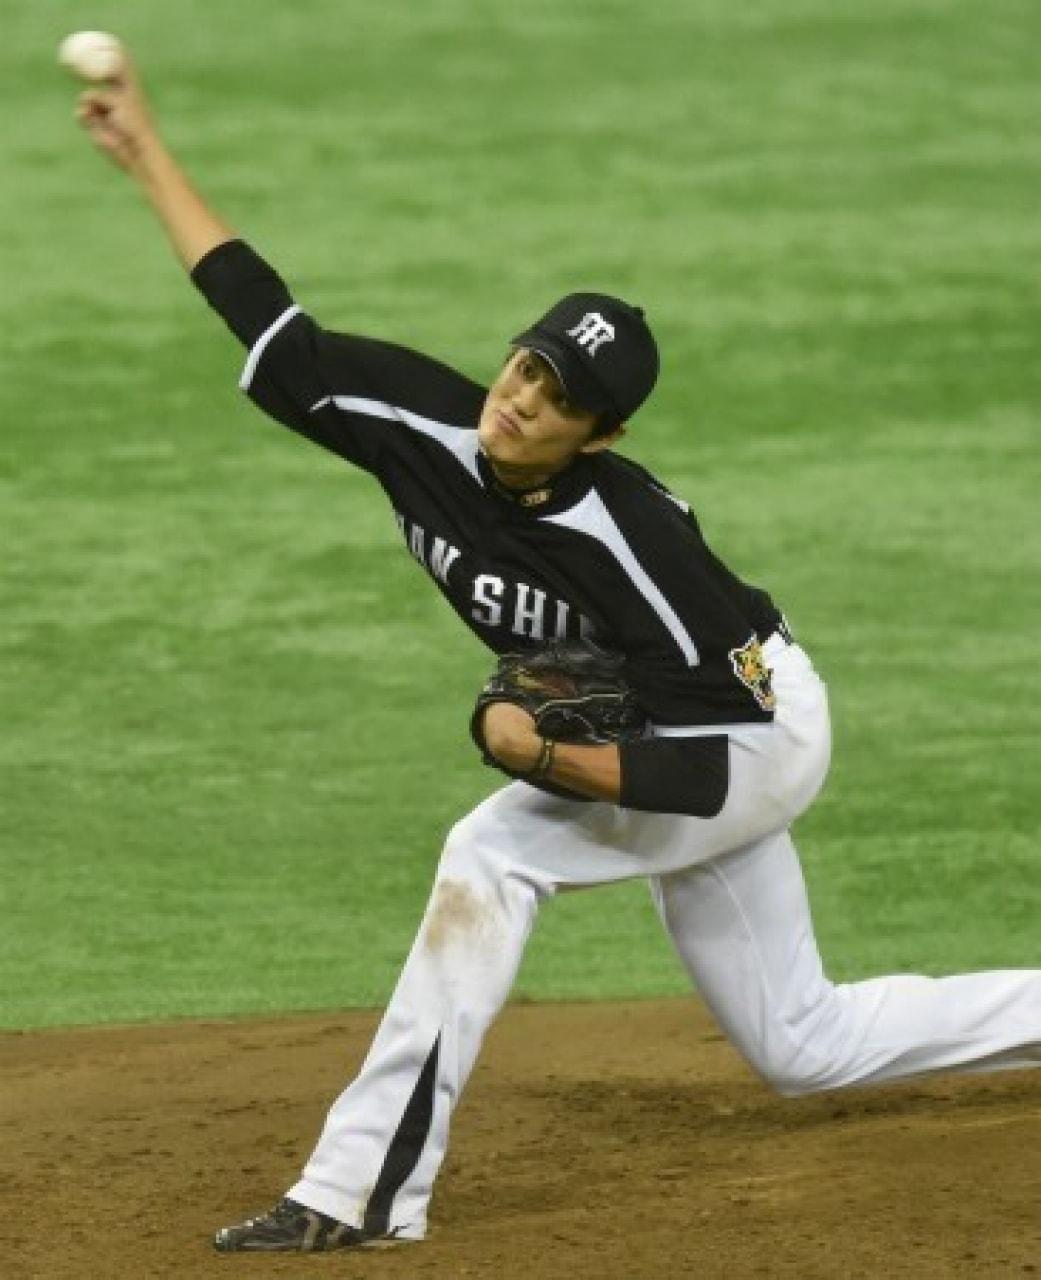 金村義明氏「他球団に合わせる顔が無い」 自主練再開の阪神に苦言 ...